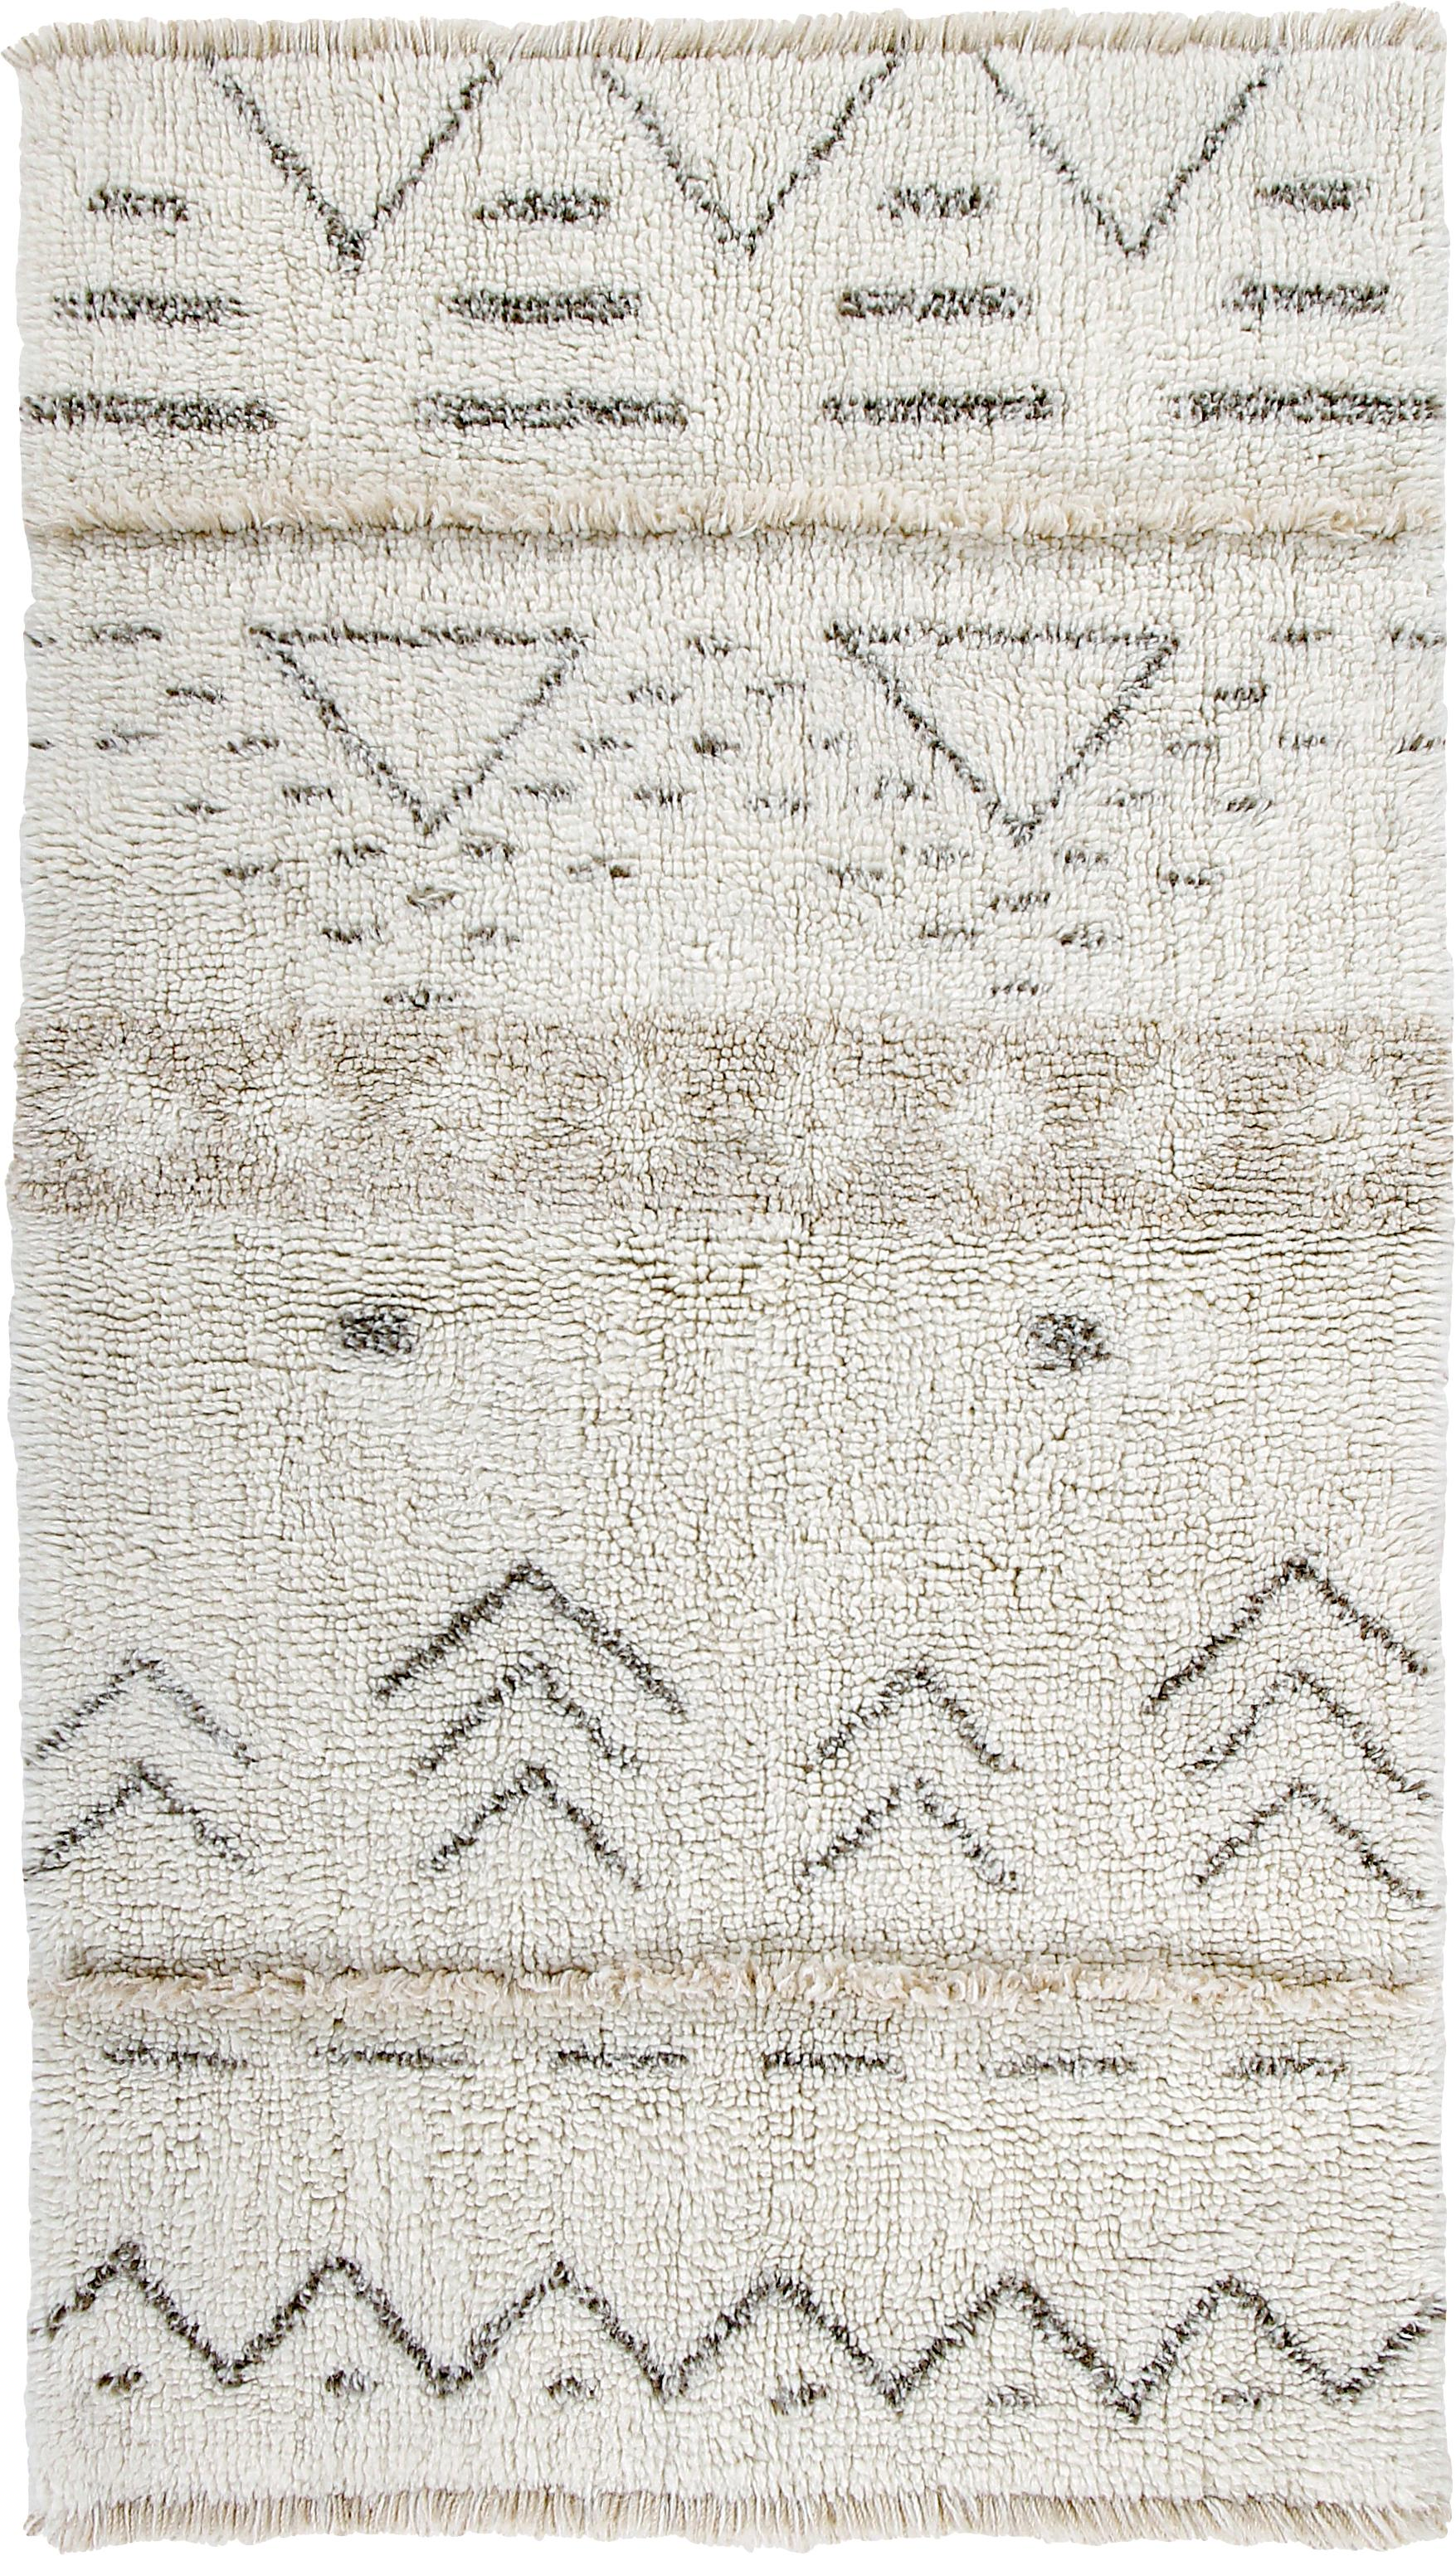 Handgewebter Wollteppich Lakota Day mit Ethno Muster, Flor: 100% Wolle, Creme, Beige, Dunkelgrau, B 80 x L 140 cm (Größe XS)